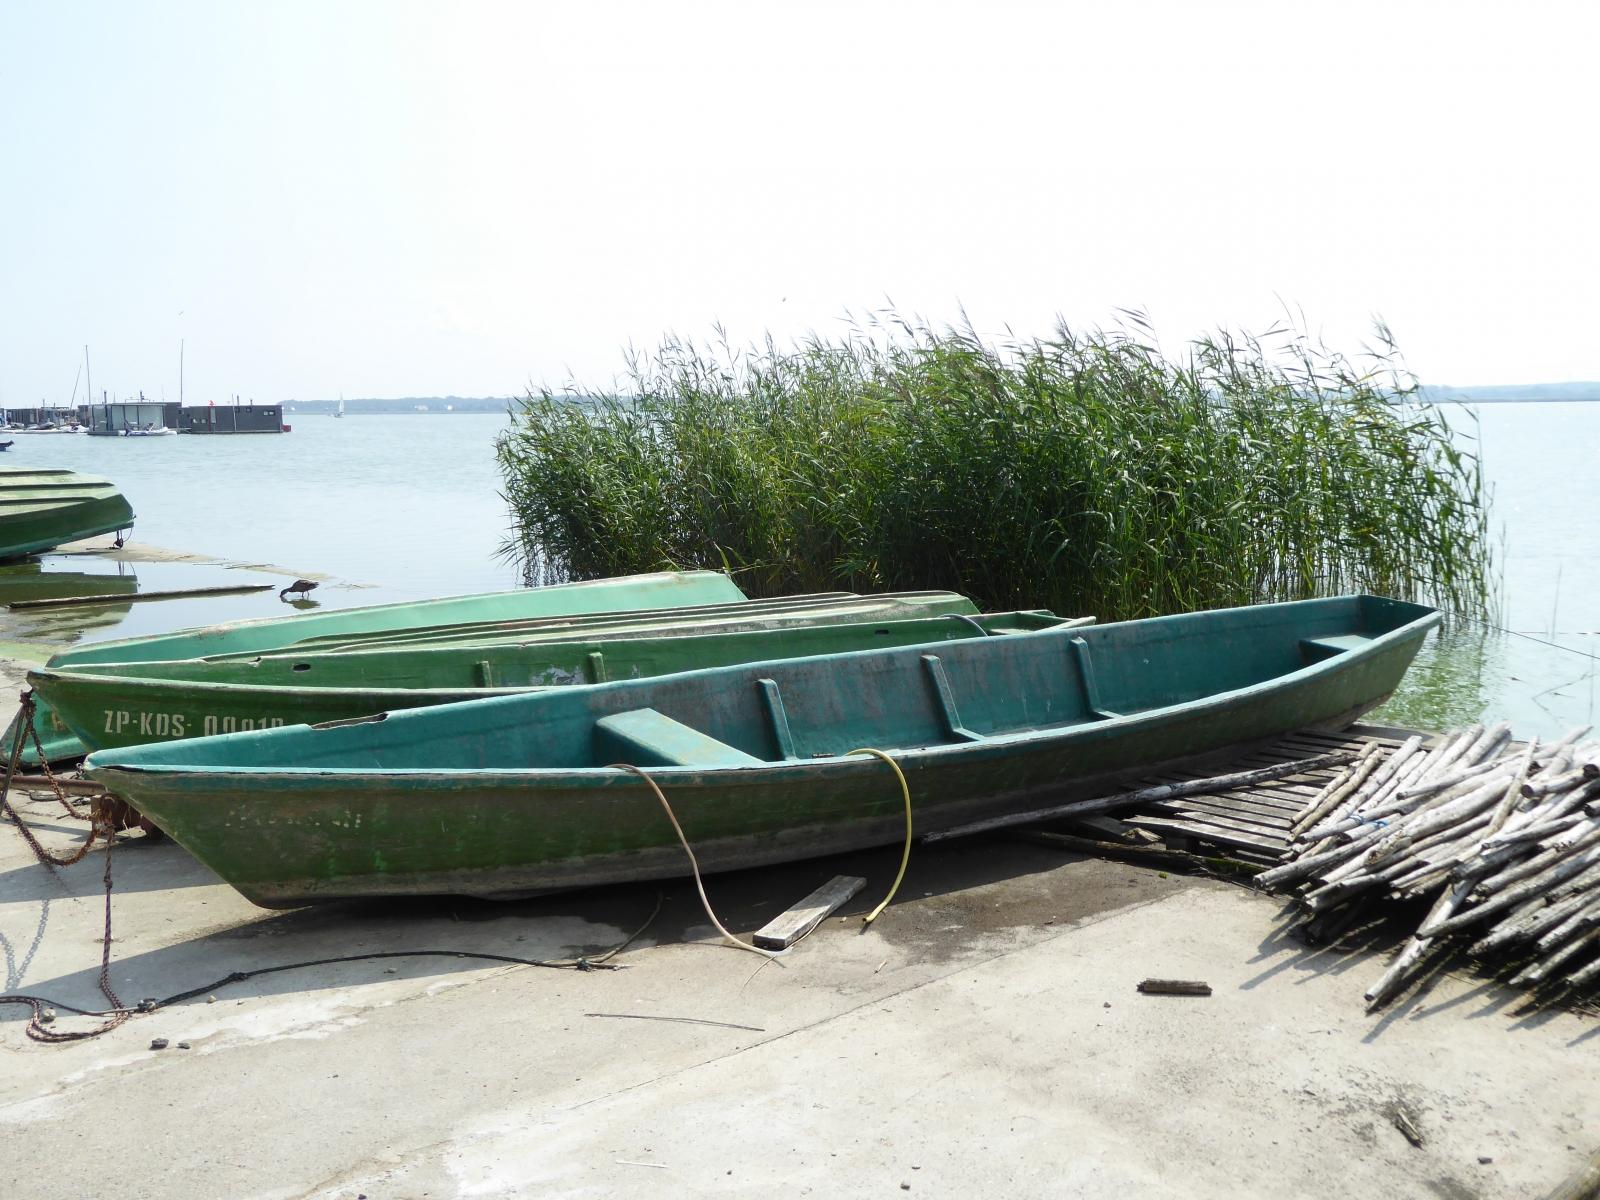 Auch die beiden Ruderboote machen einen einladenden Eindruck